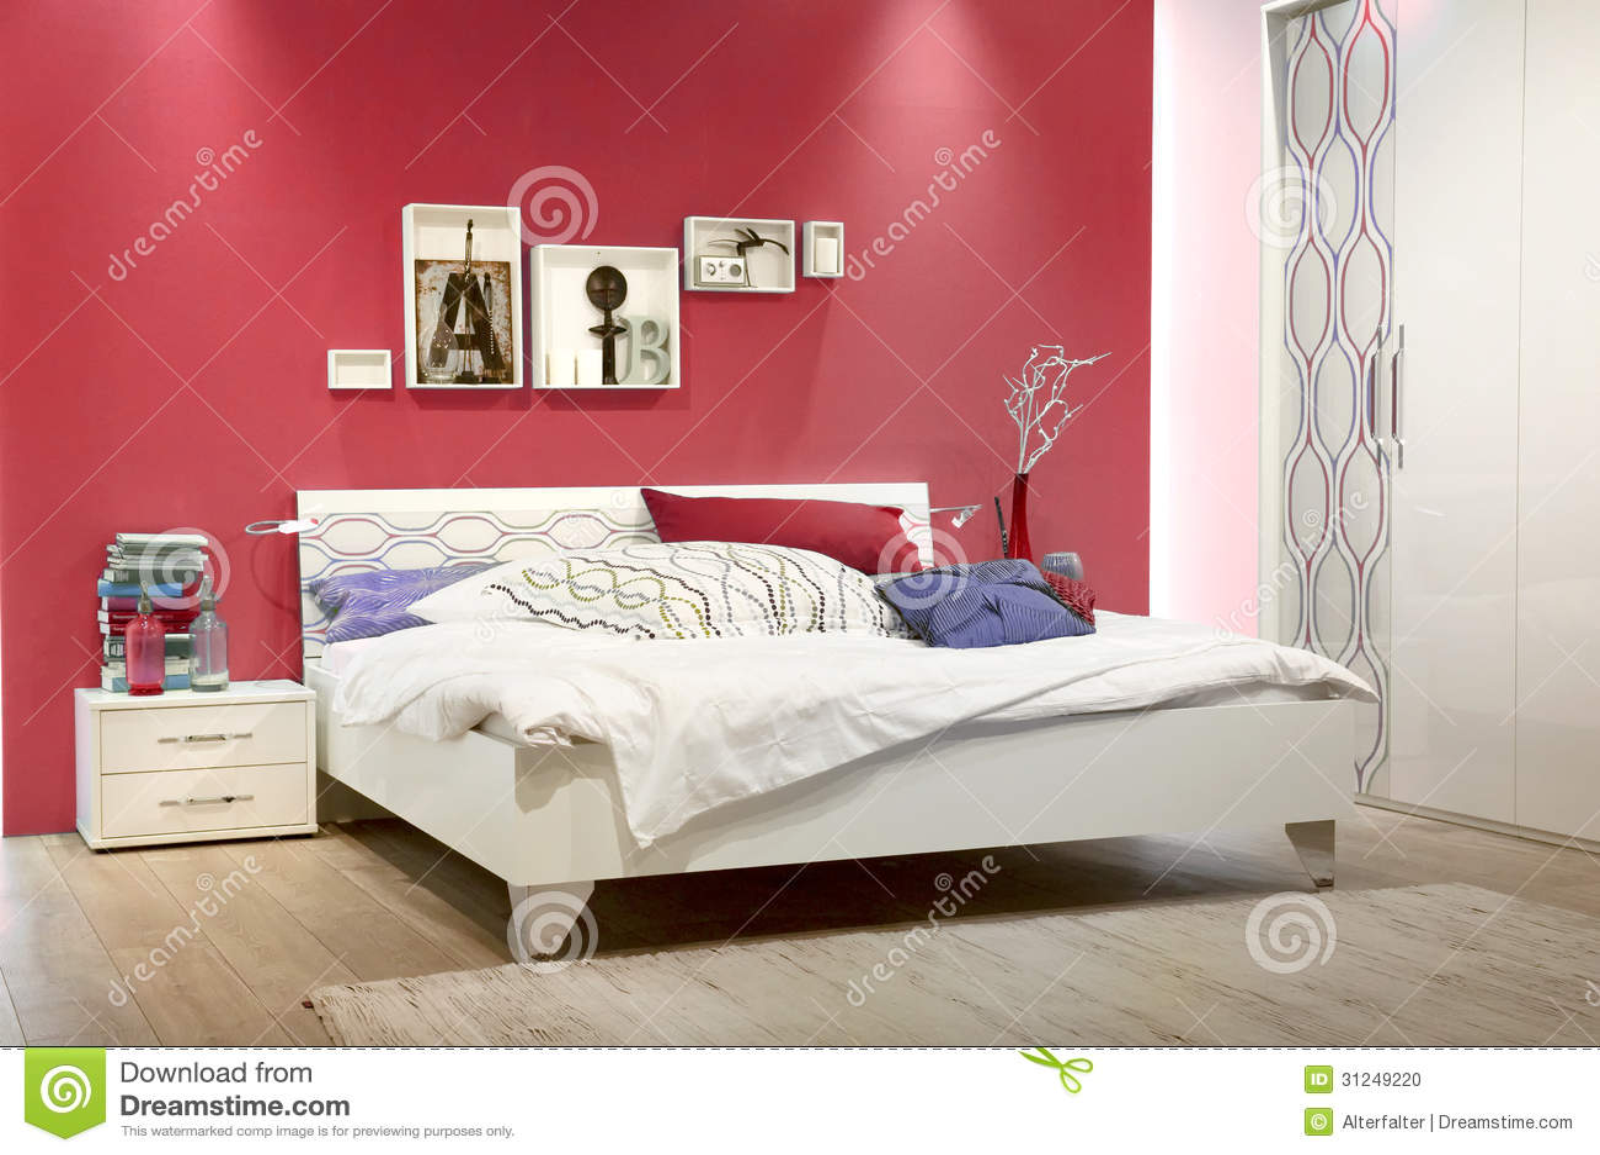 Decoratie Slaapkamer Muur : Witte slaapkamer met rode muur stock foto afbeelding bestaande